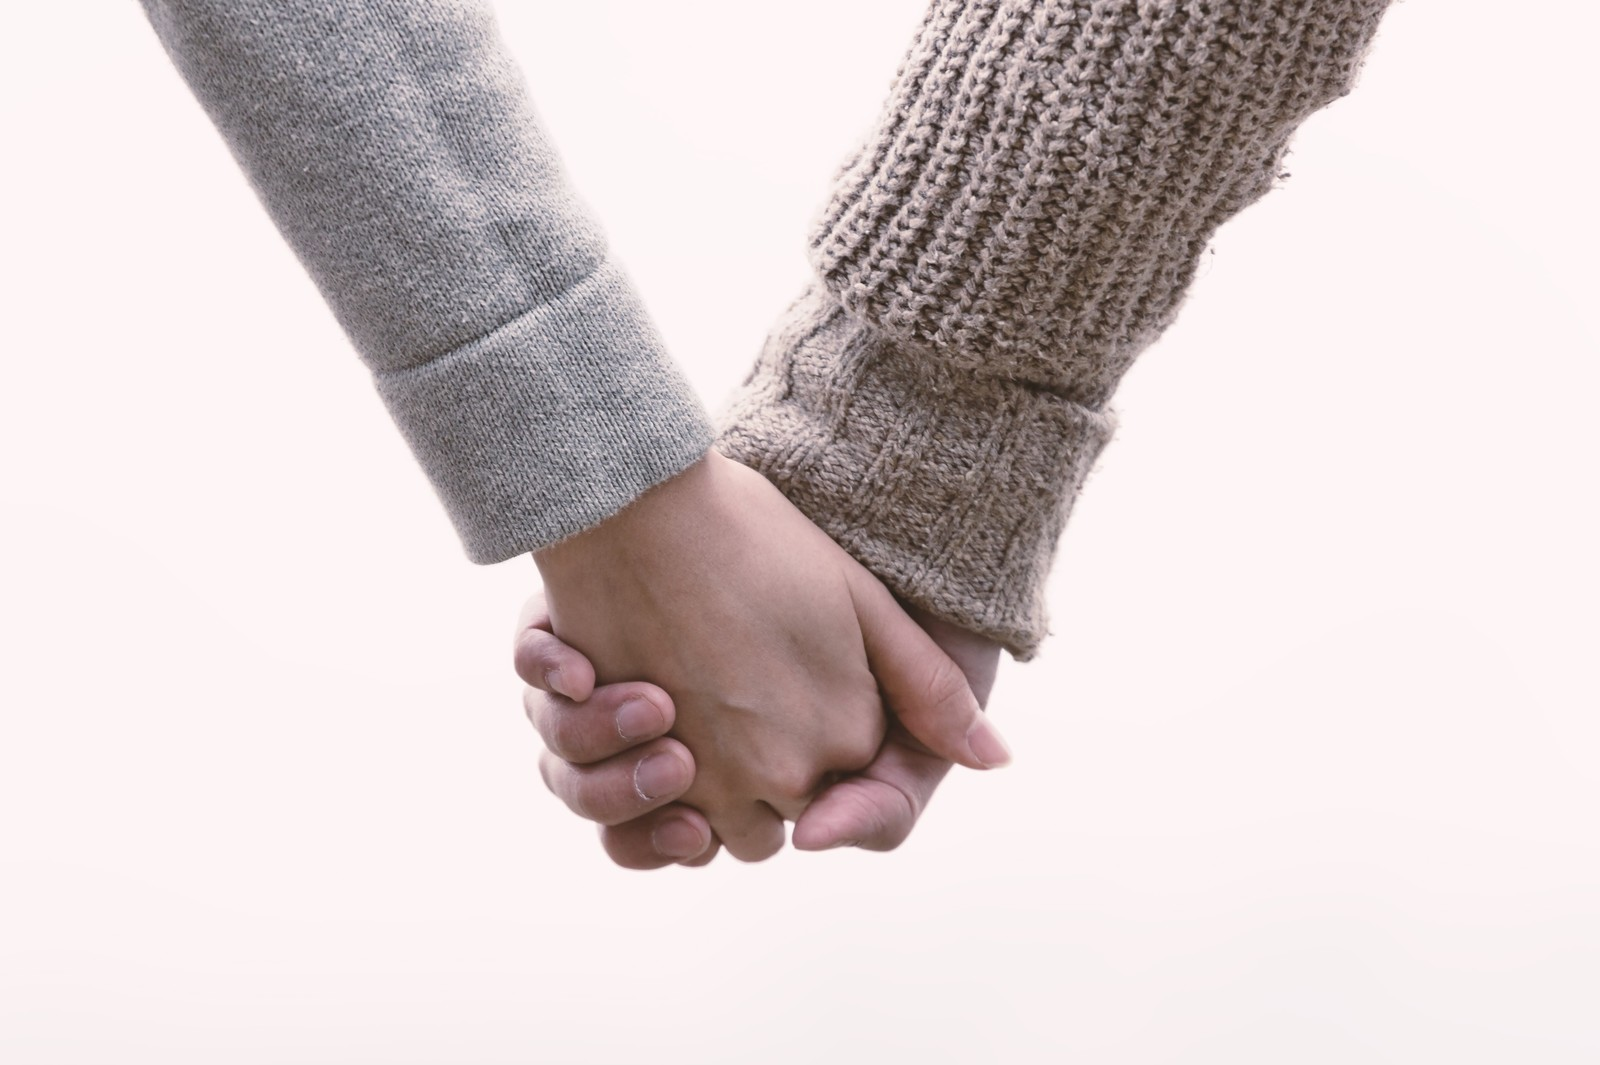 「恋人と手をつなぐ(交際間もない)恋人と手をつなぐ(交際間もない)」のフリー写真素材を拡大